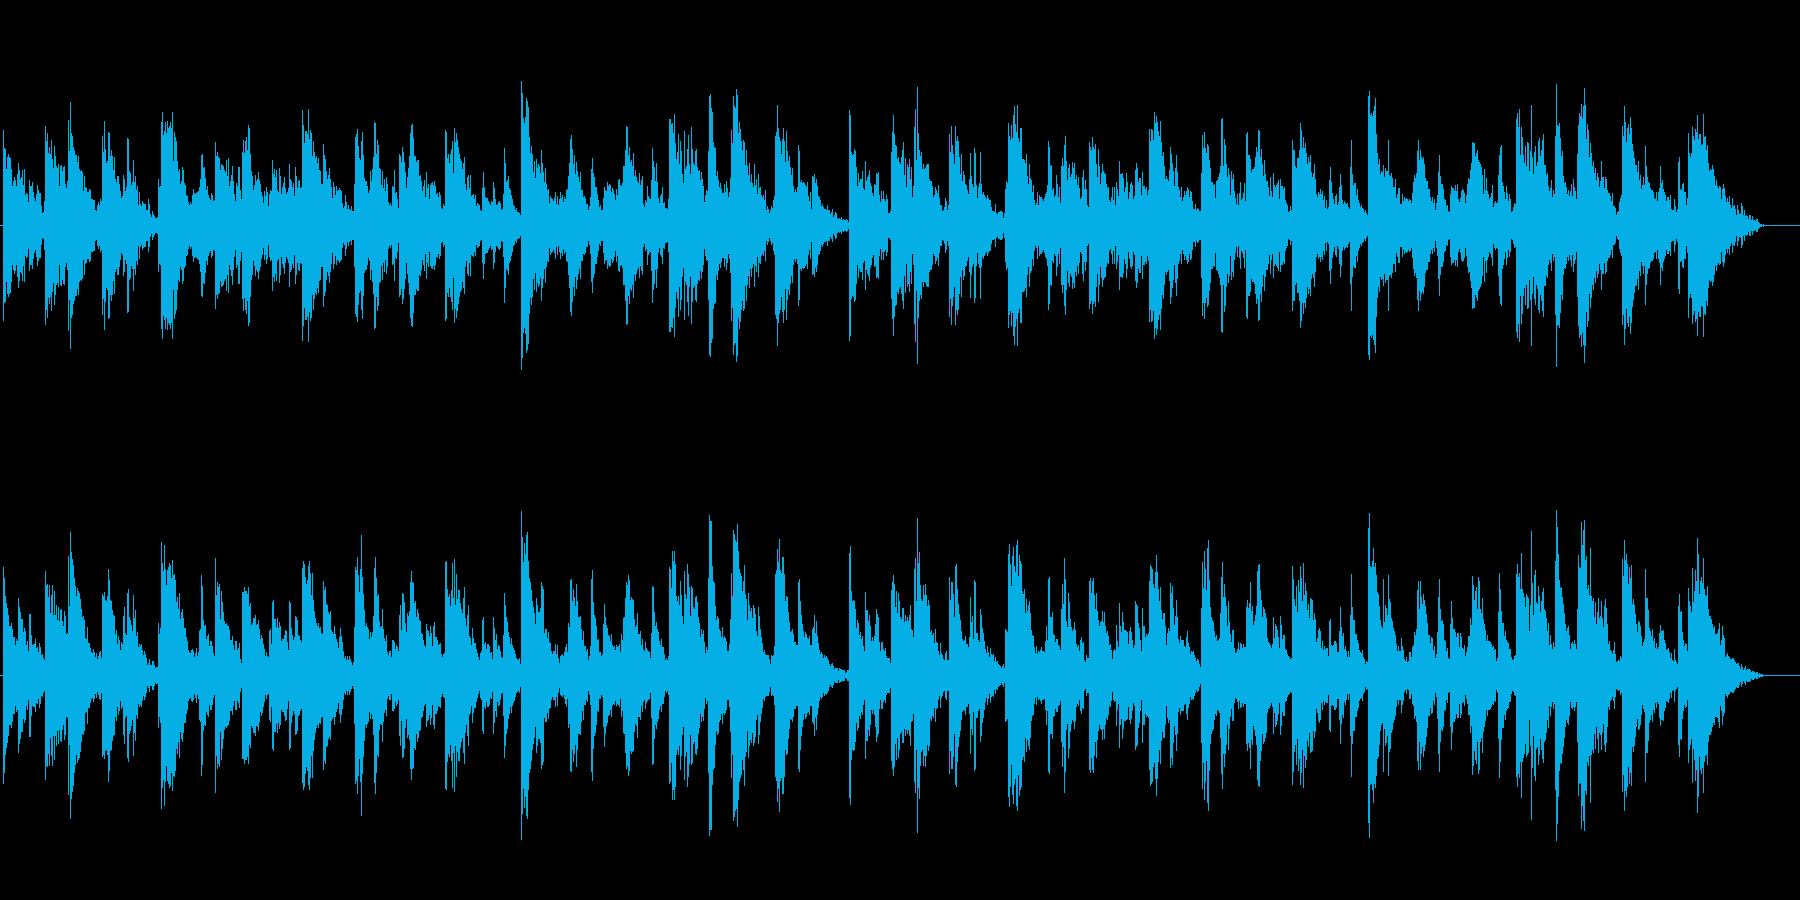 落着きのある幻想的なサイエンス風サウンドの再生済みの波形